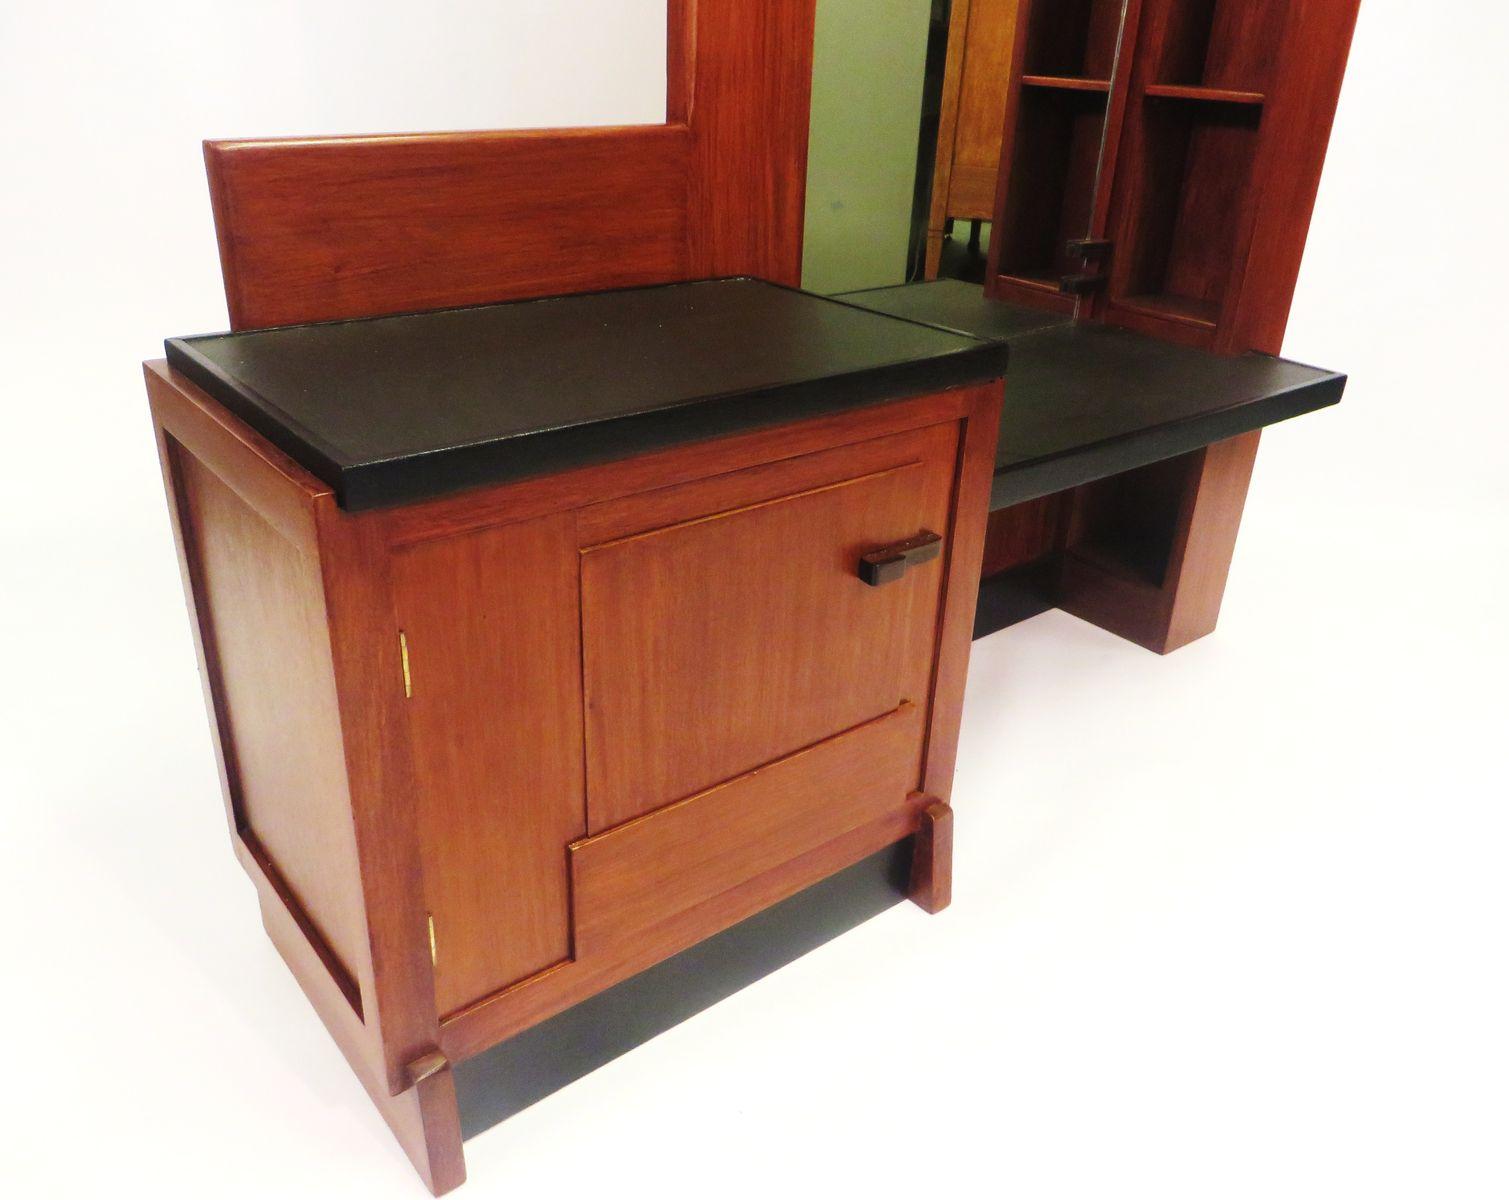 Vintage dressing table by j brunott for j brunott 1930s for Retro dressing table